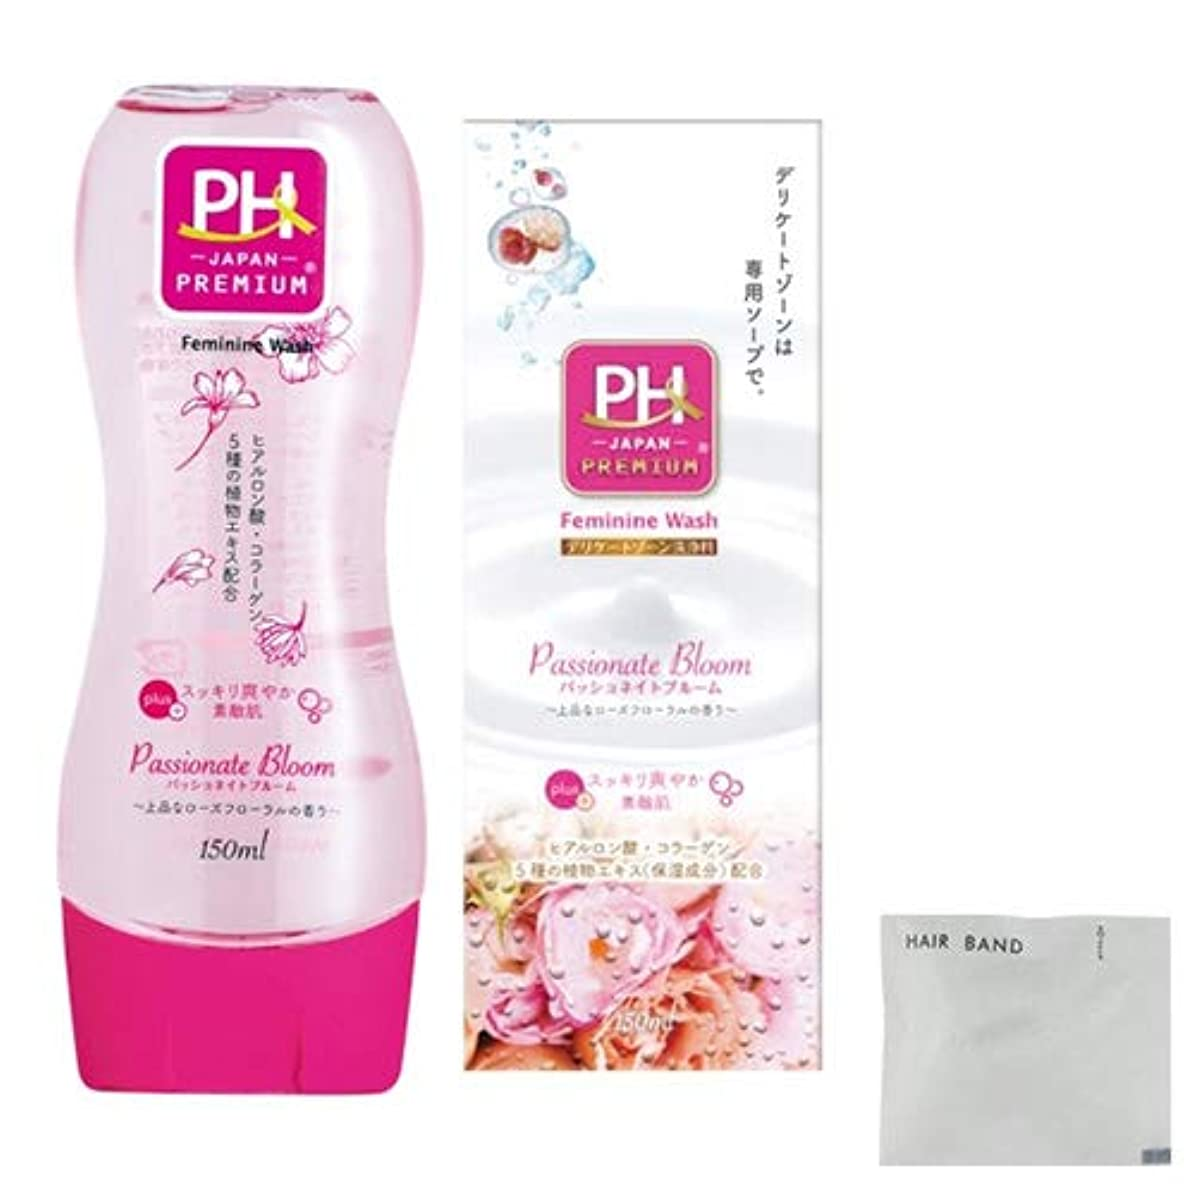 PH JAPAN プレミアム フェミニンウォッシュ 150ml パッショネイトブルーム + ヘアゴム(カラーはおまかせ)セット